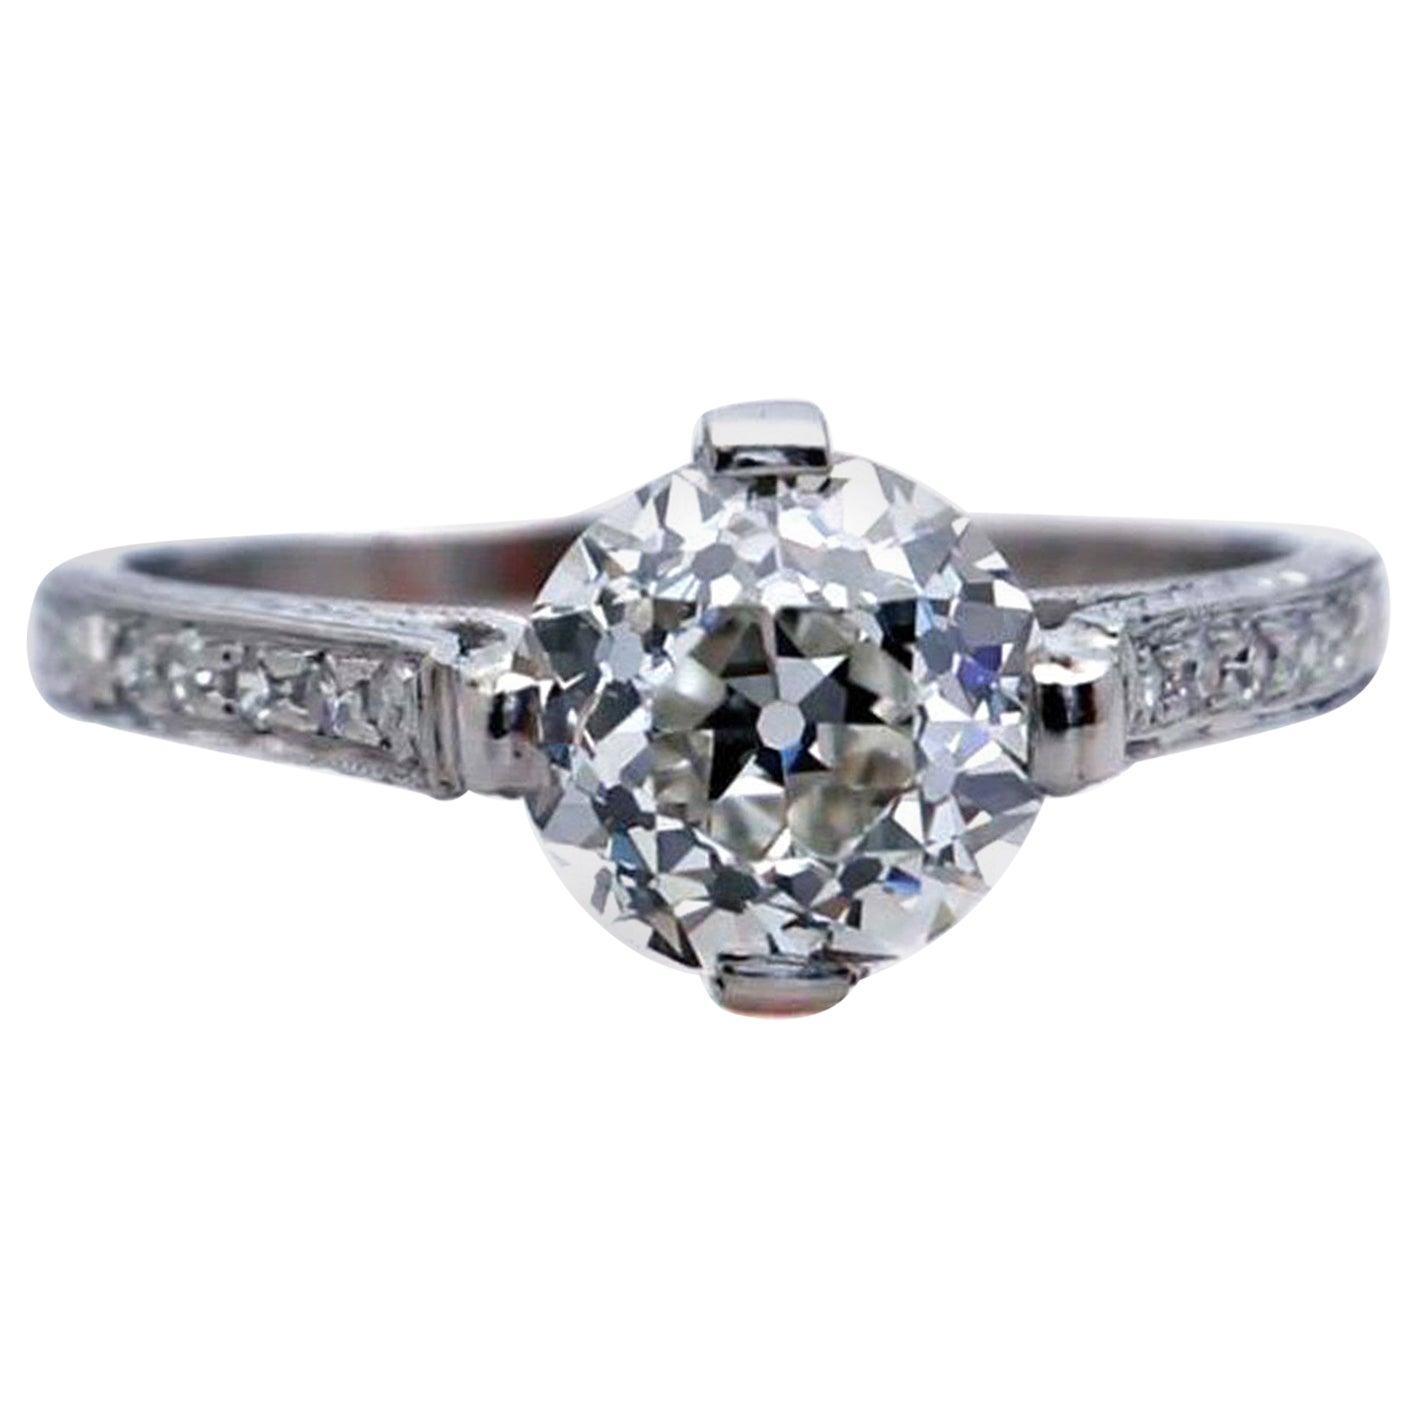 Art Deco 2.17 Carat Old European Cut Diamond Platinum Engagement Ring